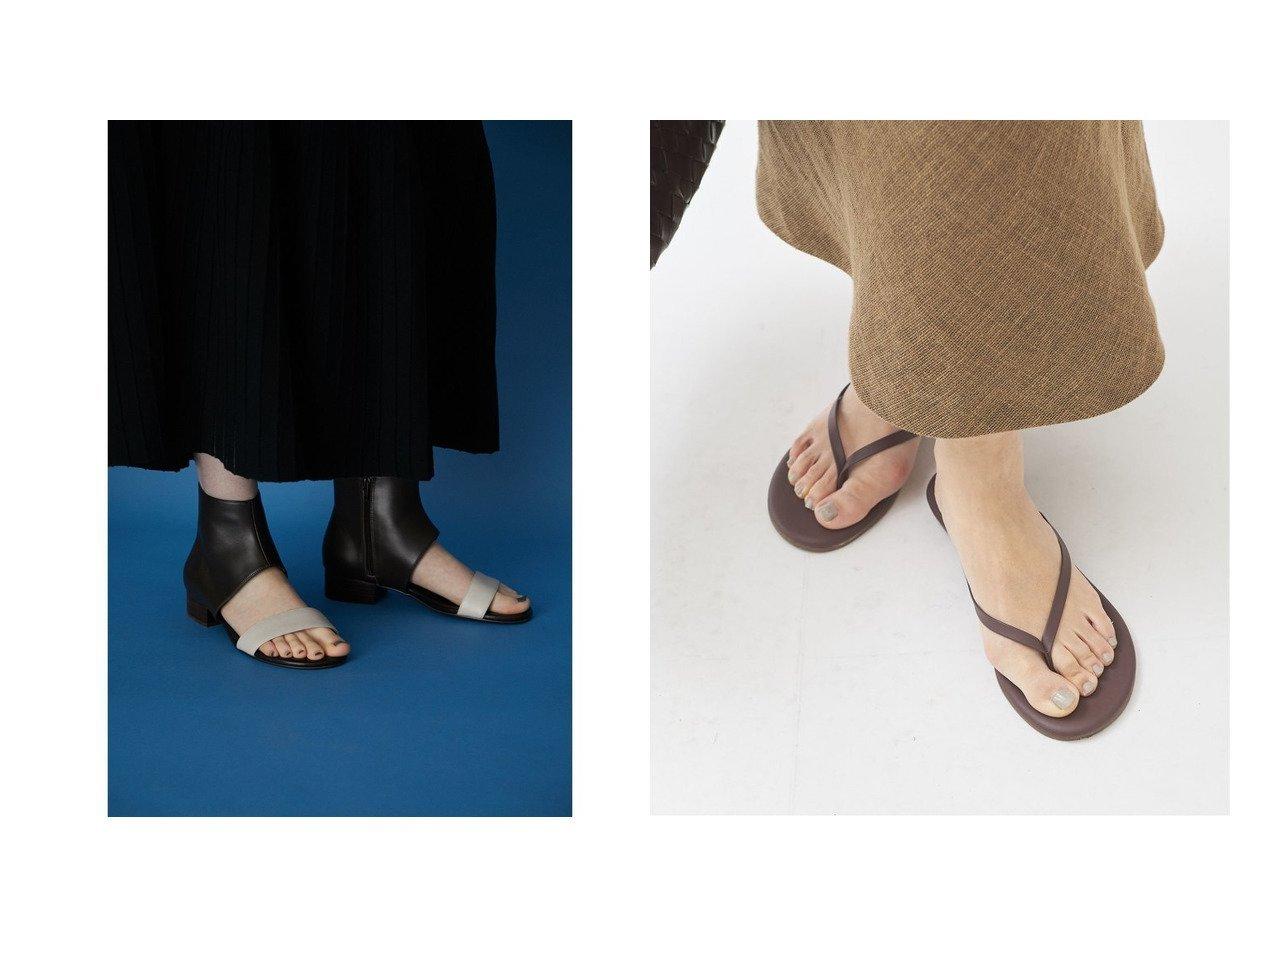 【Plage/プラージュ】の【ティキーズ】FOUNDATION MATTE D GLOW サンダル&【RIM.ARK/リムアーク】のFlat ankle sandal 【シューズ・靴】おすすめ!人気、トレンド・レディースファッションの通販 おすすめで人気の流行・トレンド、ファッションの通販商品 インテリア・家具・メンズファッション・キッズファッション・レディースファッション・服の通販 founy(ファニー) https://founy.com/ ファッション Fashion レディースファッション WOMEN 2021年 2021 2021春夏・S/S SS/Spring/Summer/2021 S/S・春夏 SS・Spring/Summer サンダル シューズ NEW・新作・新着・新入荷 New Arrivals コンビ スタイリッシュ バランス ブーティ  ID:crp329100000055582